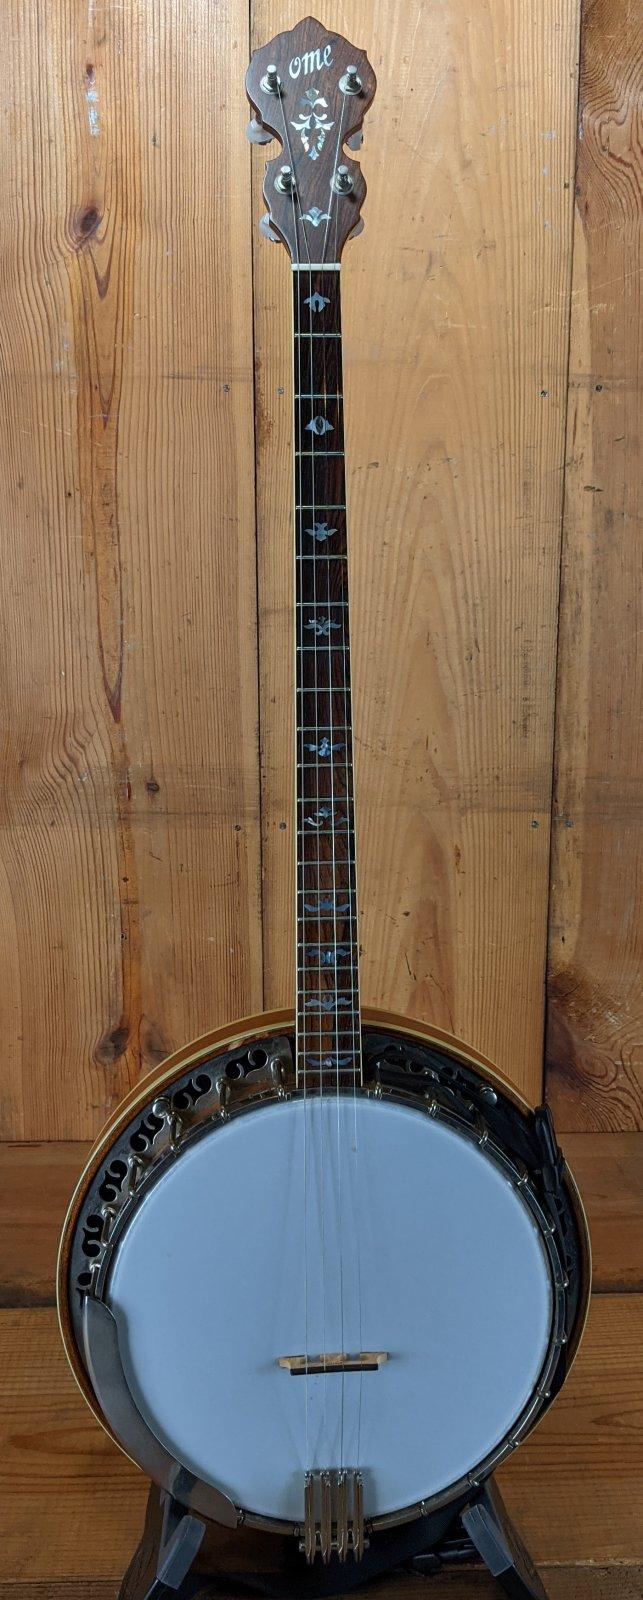 Used Ome Juniper Plectrum Banjo